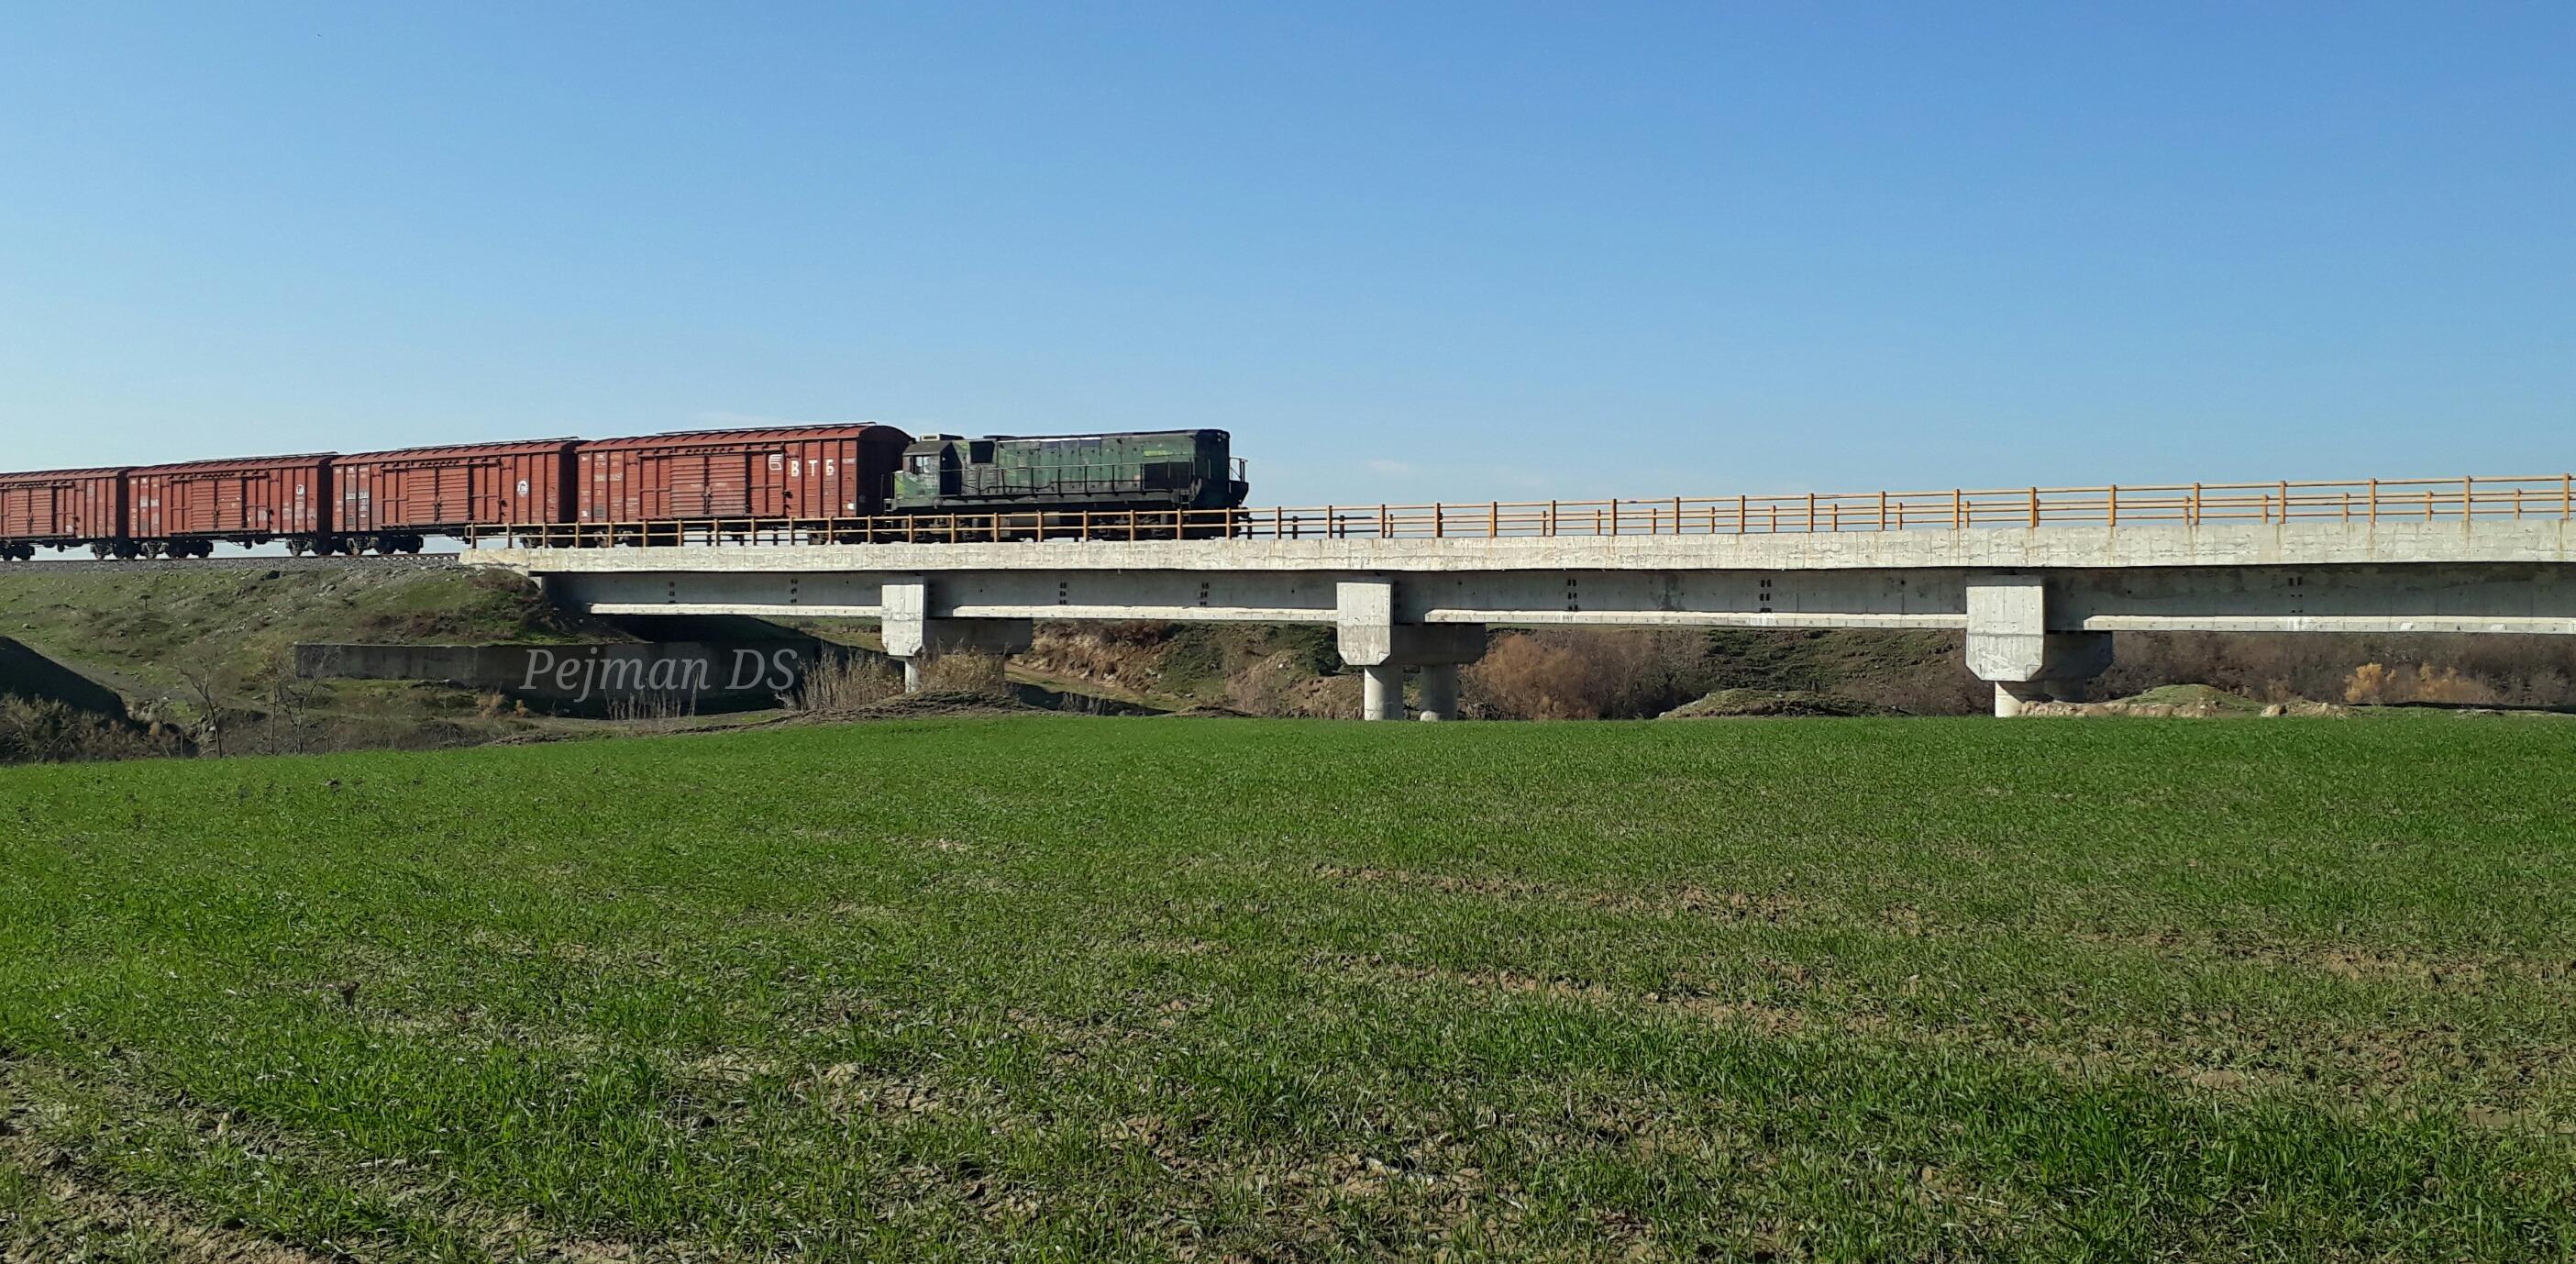 تاکید رئیس جمهوری بر اجرای راه آهن گرگان – مشهد